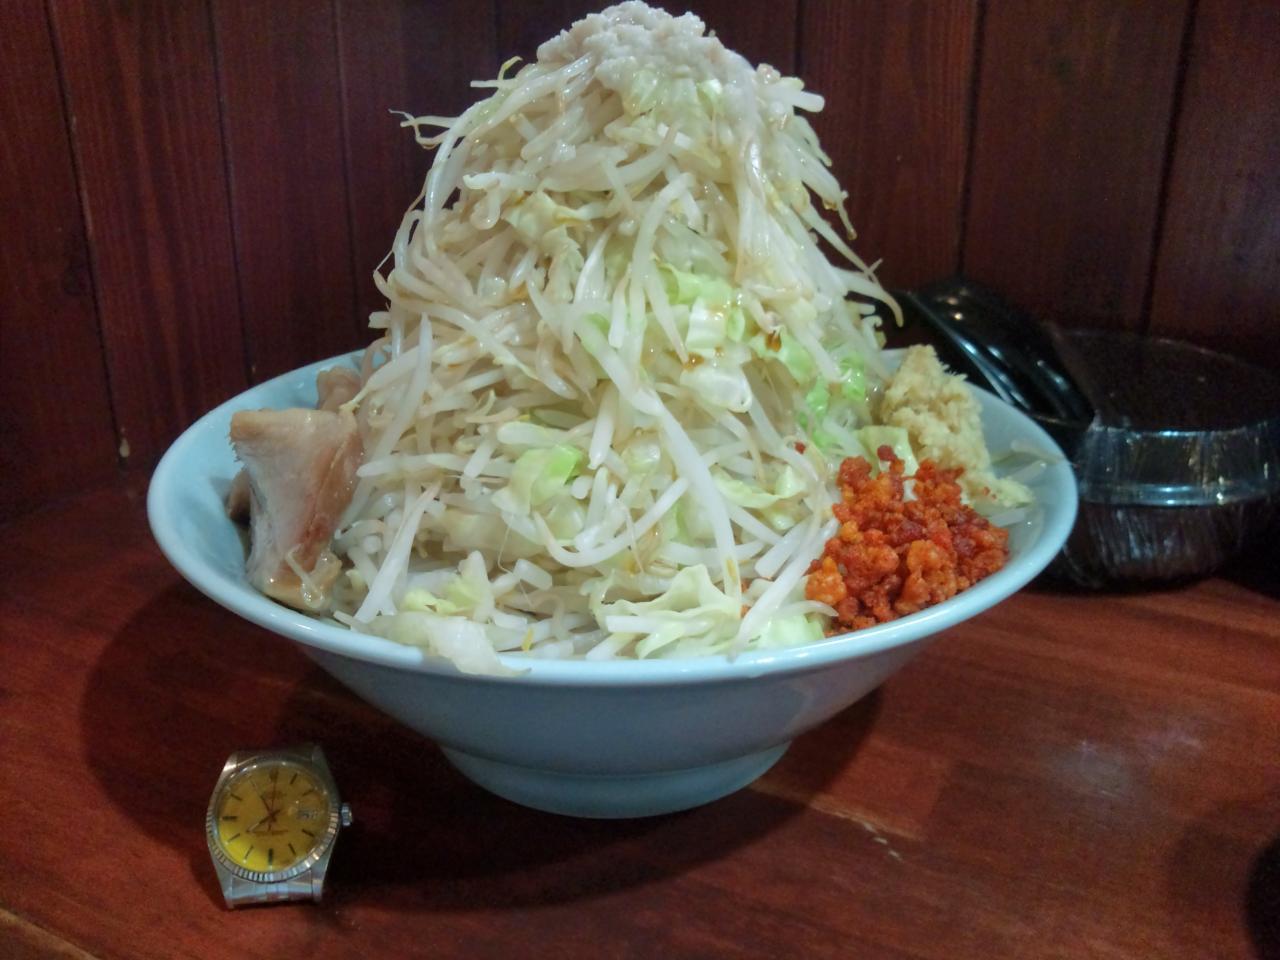 らーめん朗朗朗吉祥寺店(つけ麺特盛野菜増し)